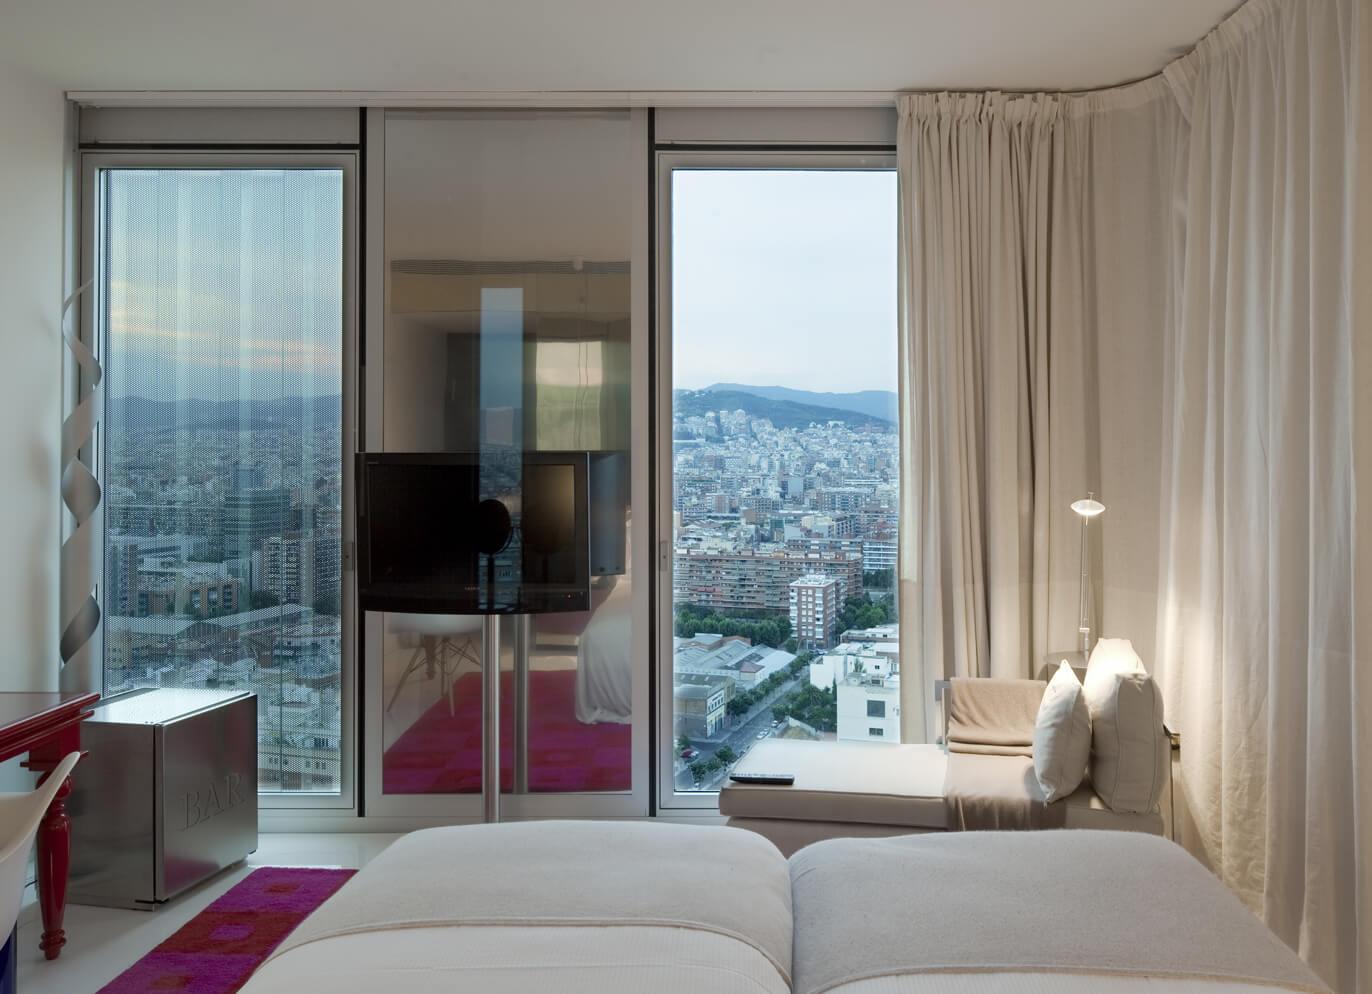 Hotel-Eme-Dominique-Perrault